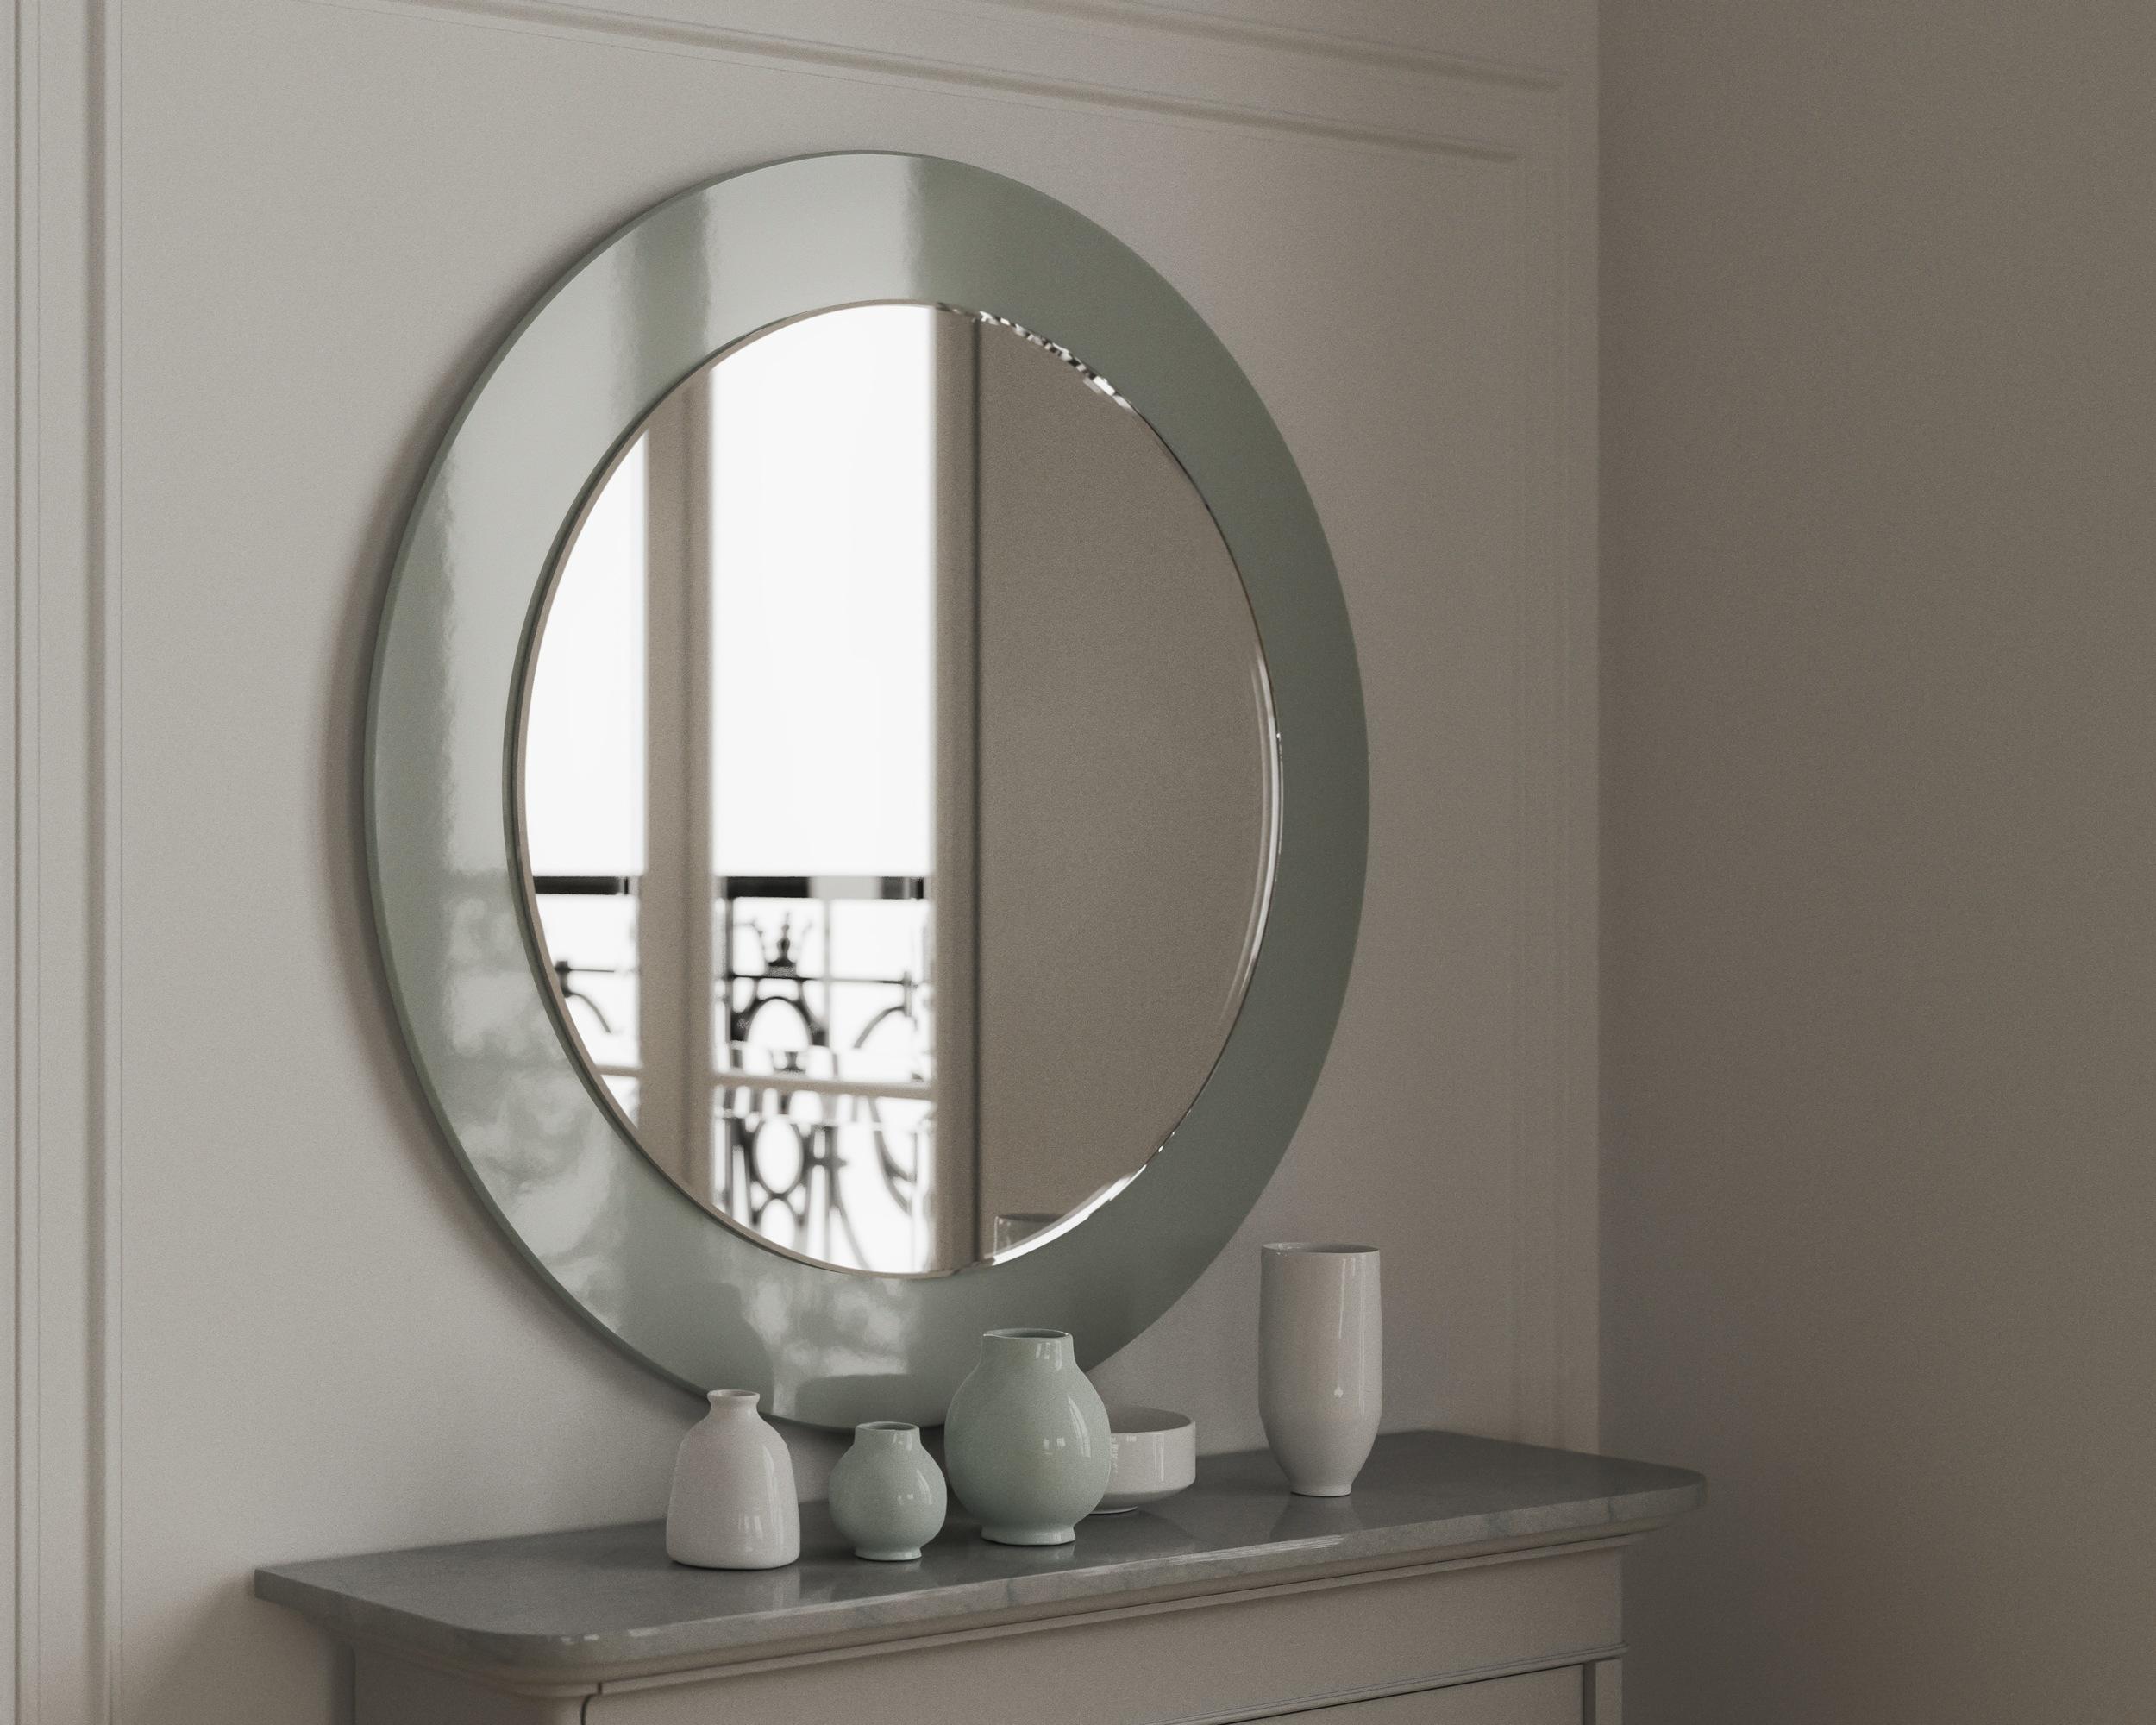 Green Round mirror